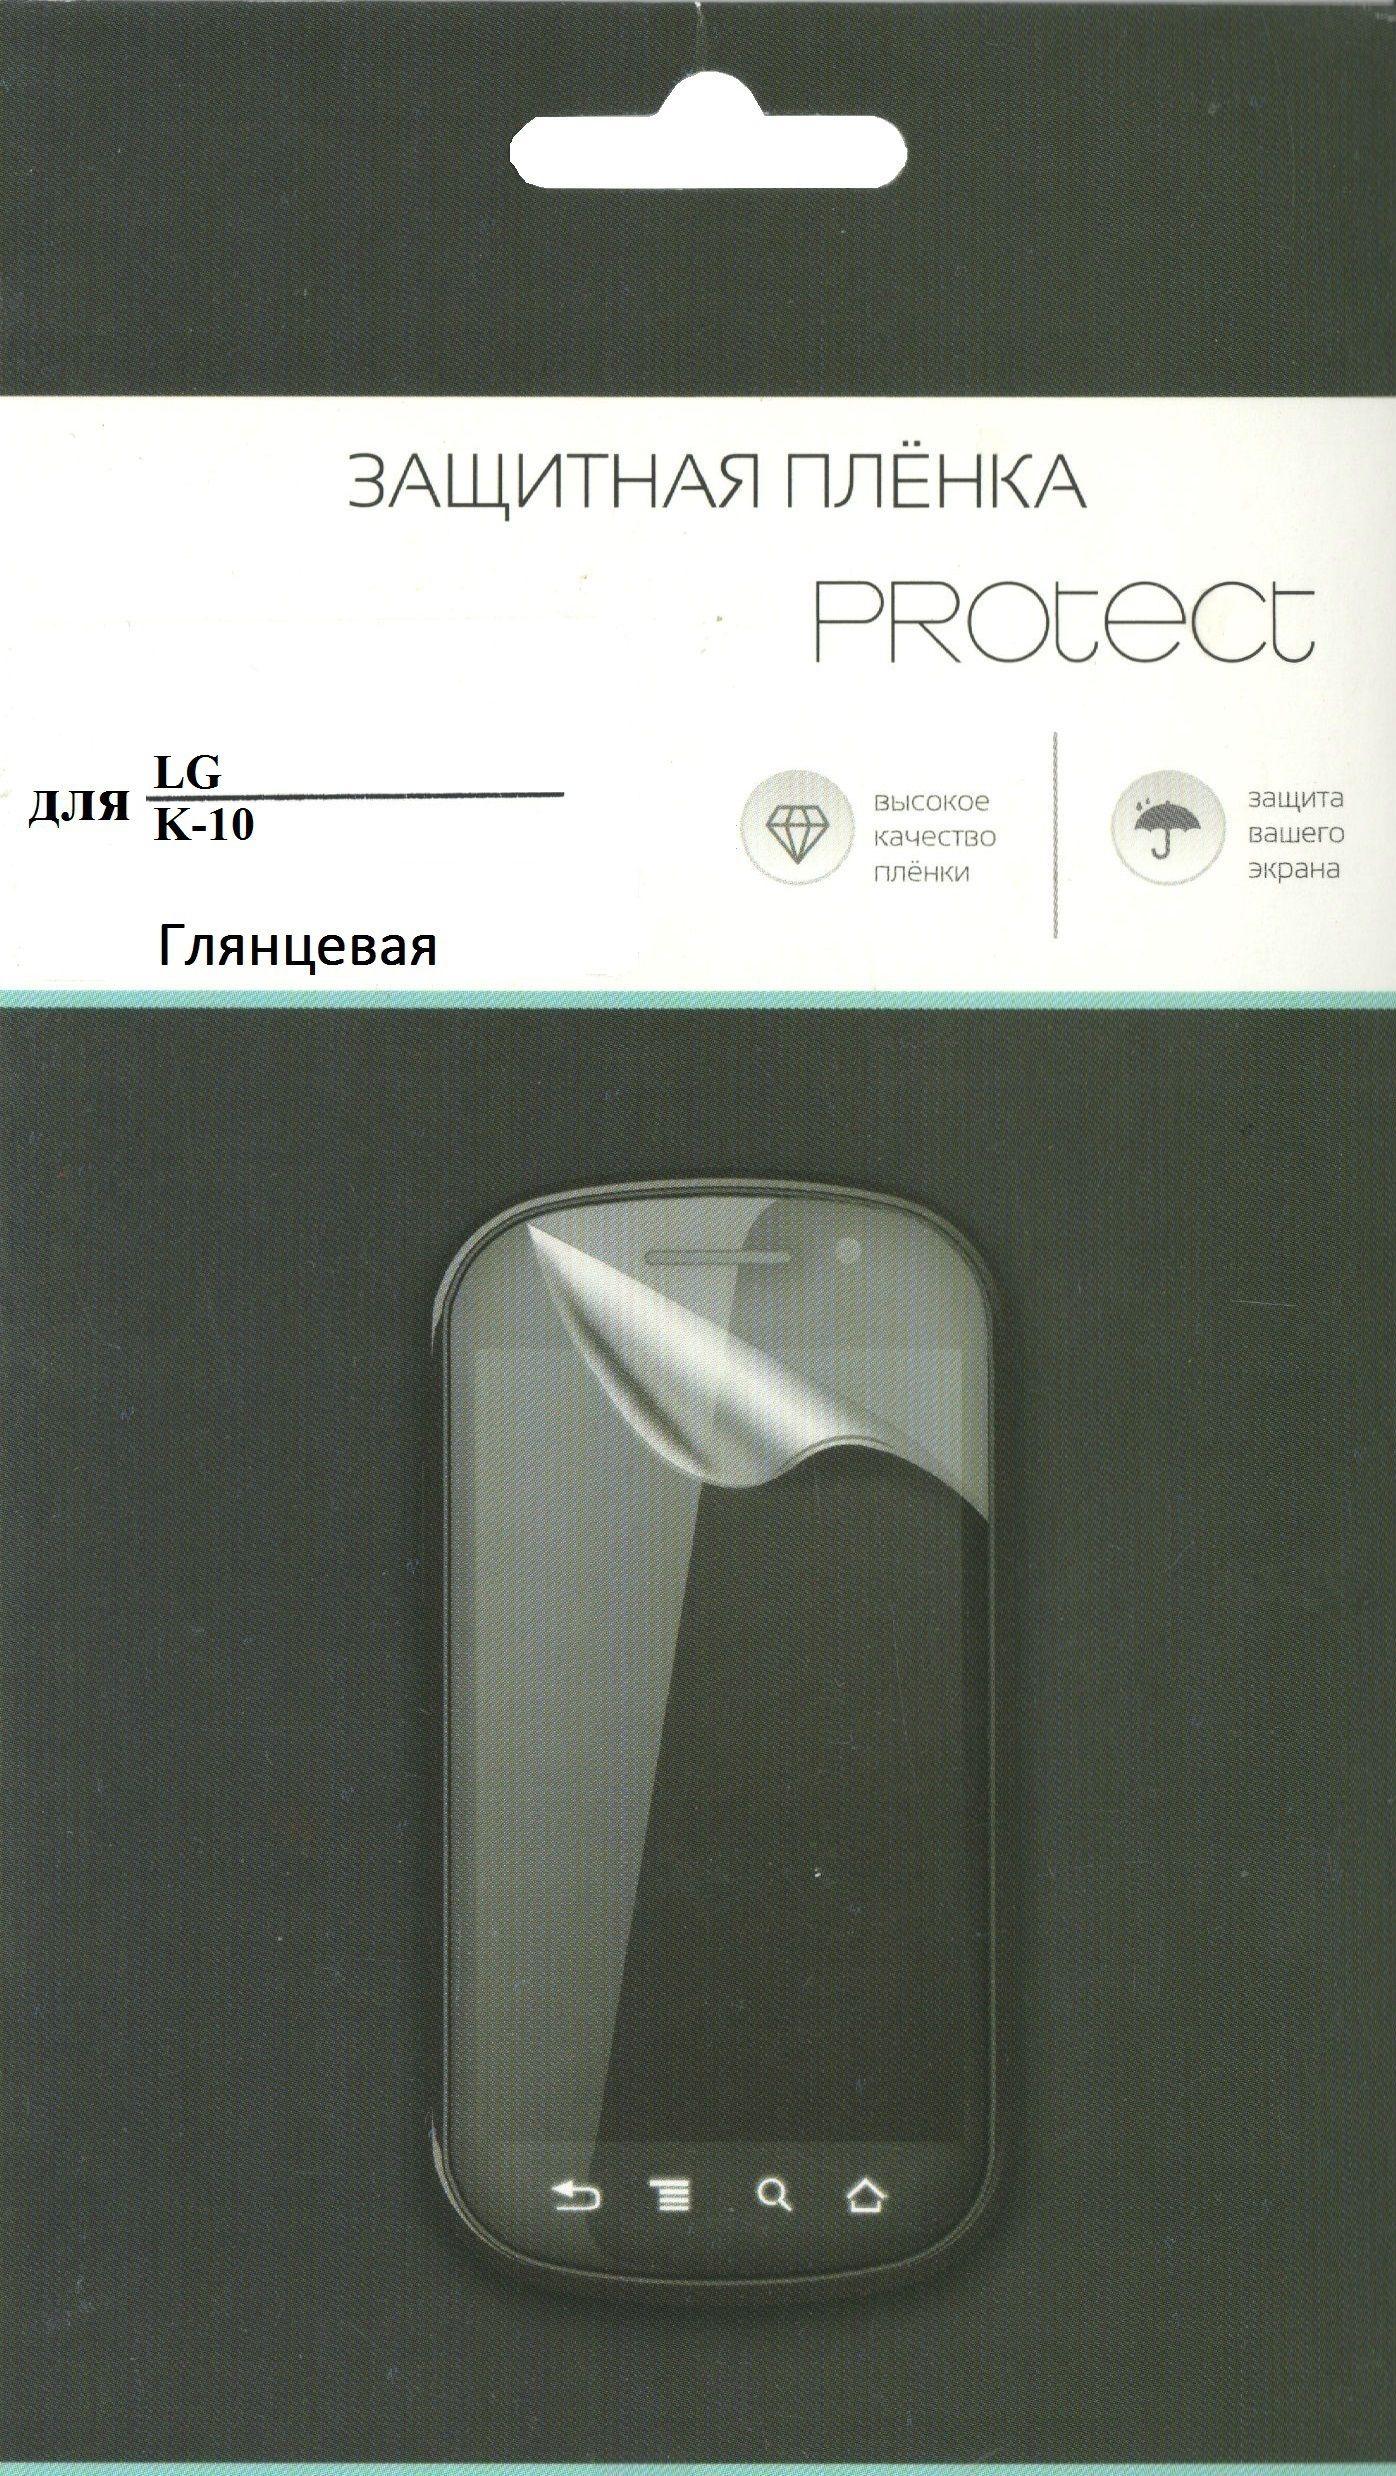 Купить Protect Защитная пленка для LG K10 (глянцевая) в интернет магазине. Цены, фото, описания, характеристики, отзывы, обзоры